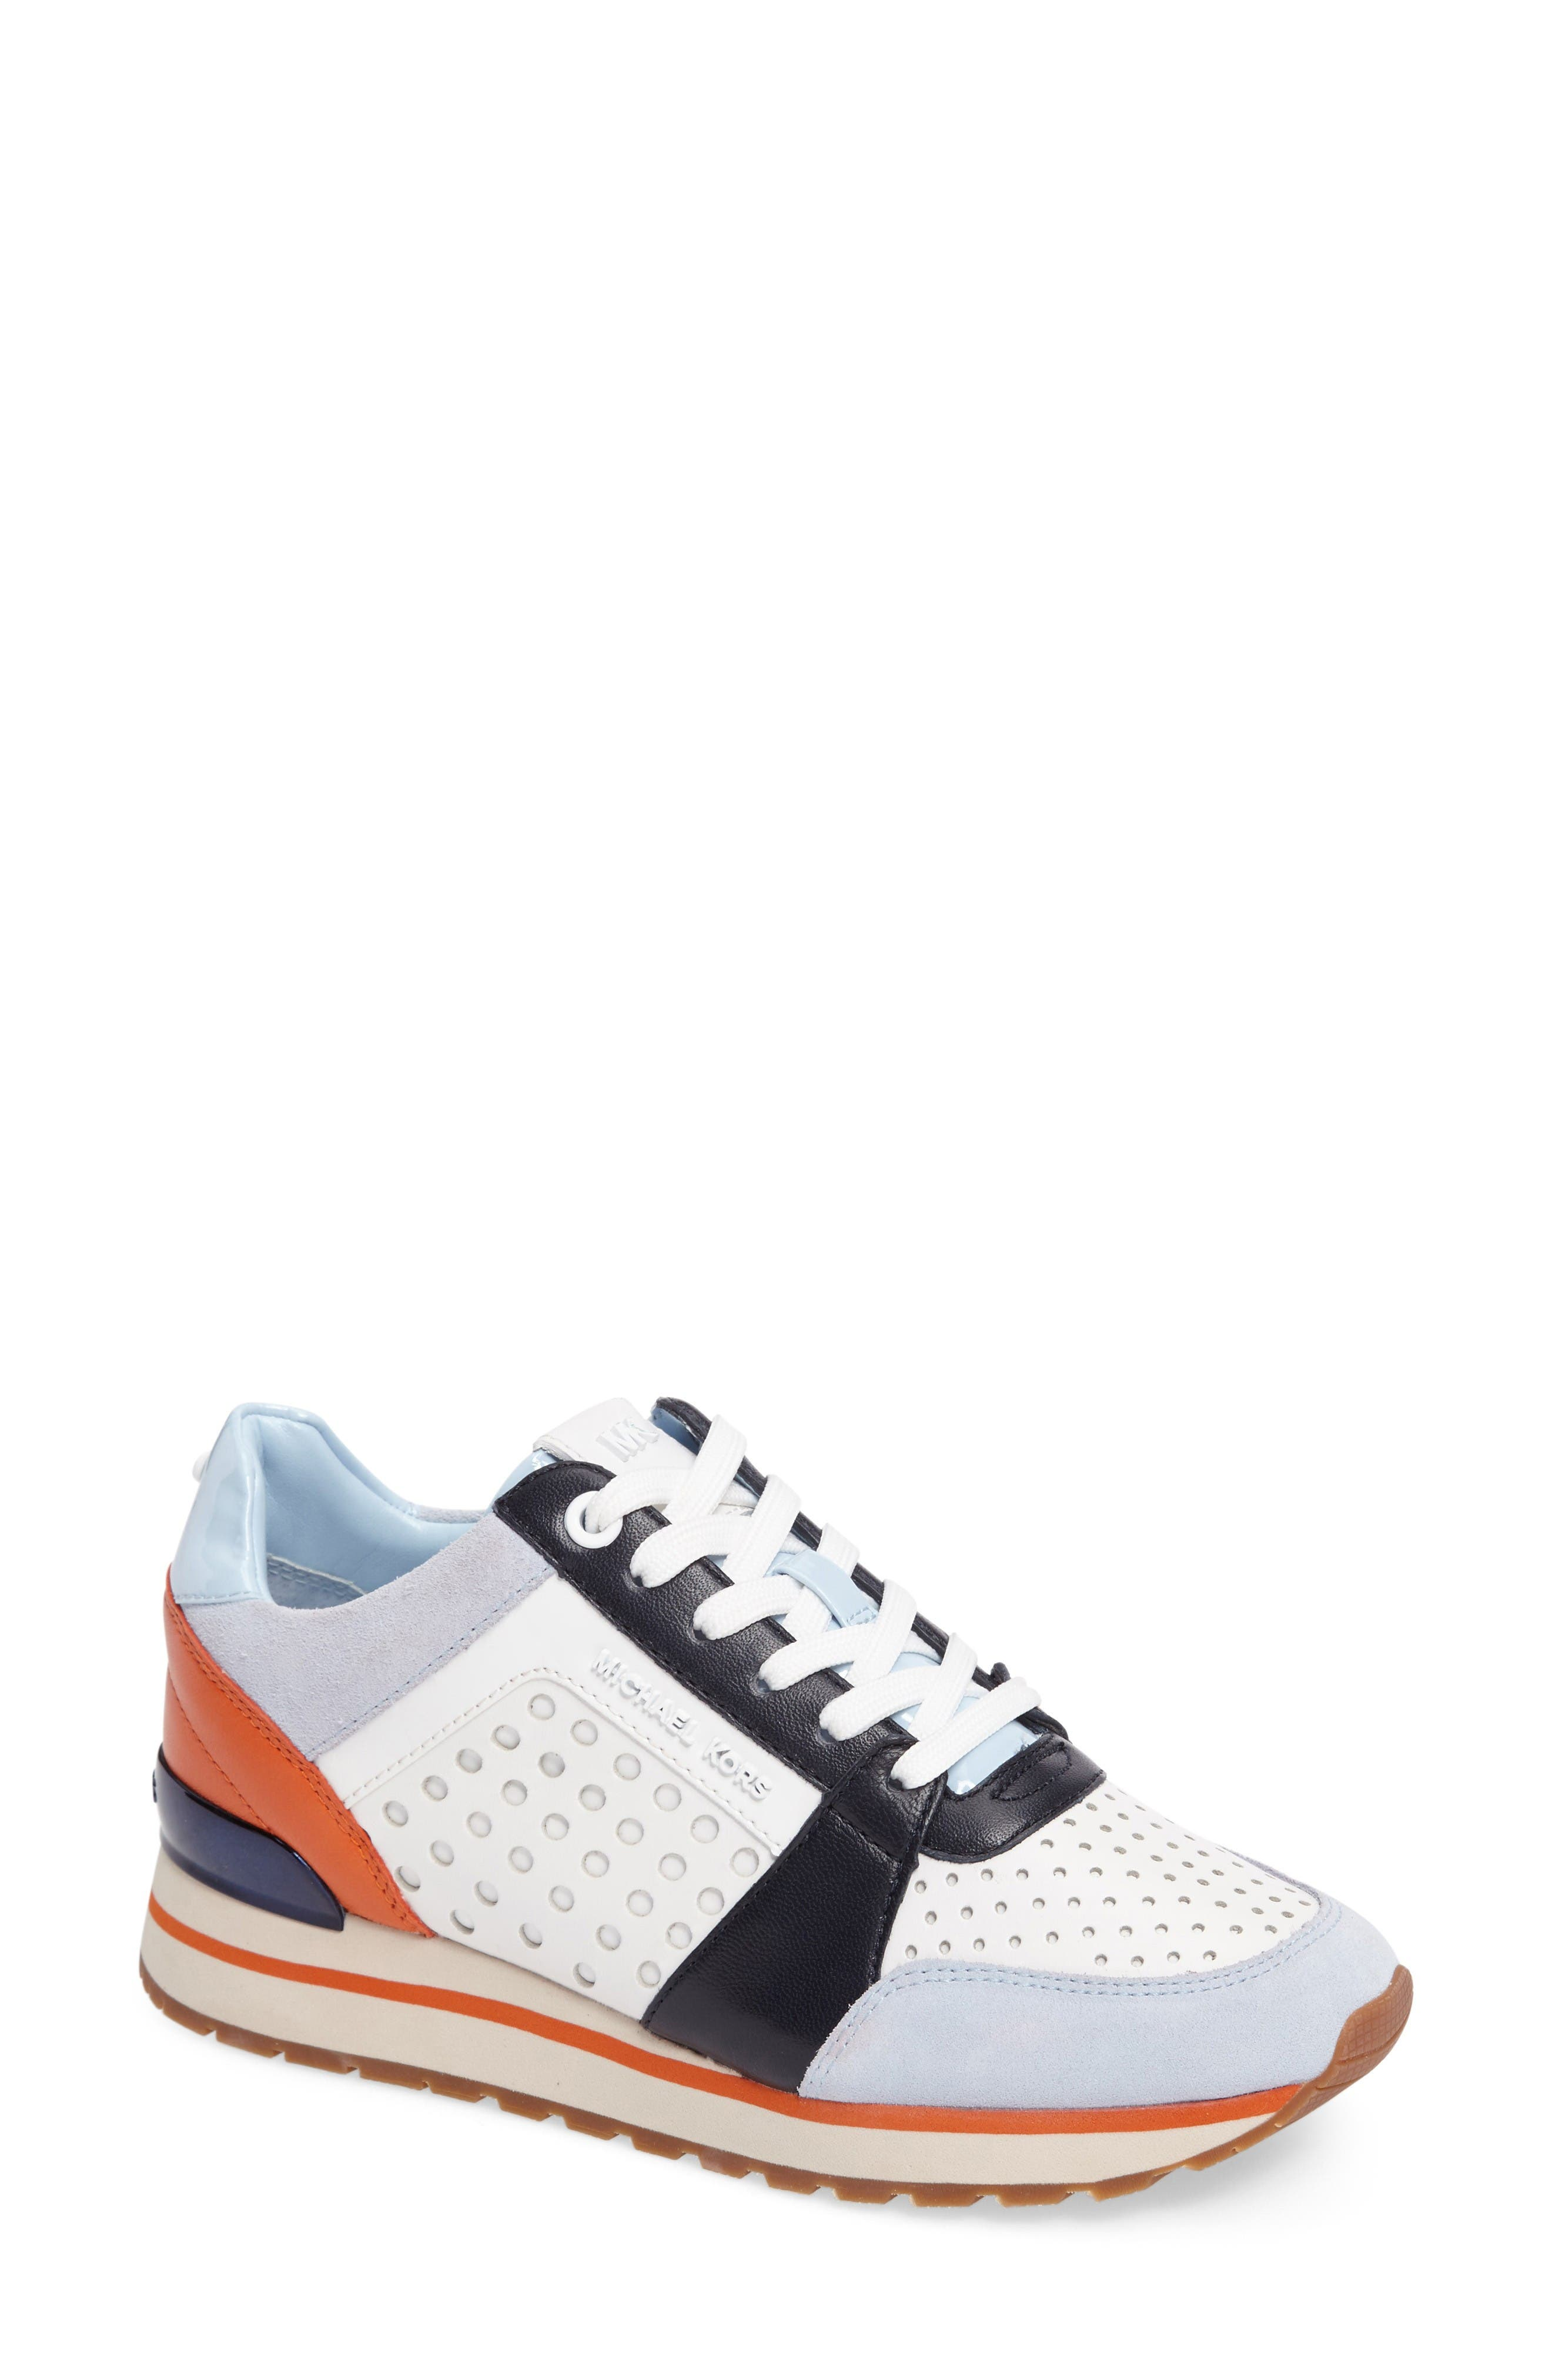 Main Image - MICHAEL Michael Kors Billie Perforated Sneaker (Women)